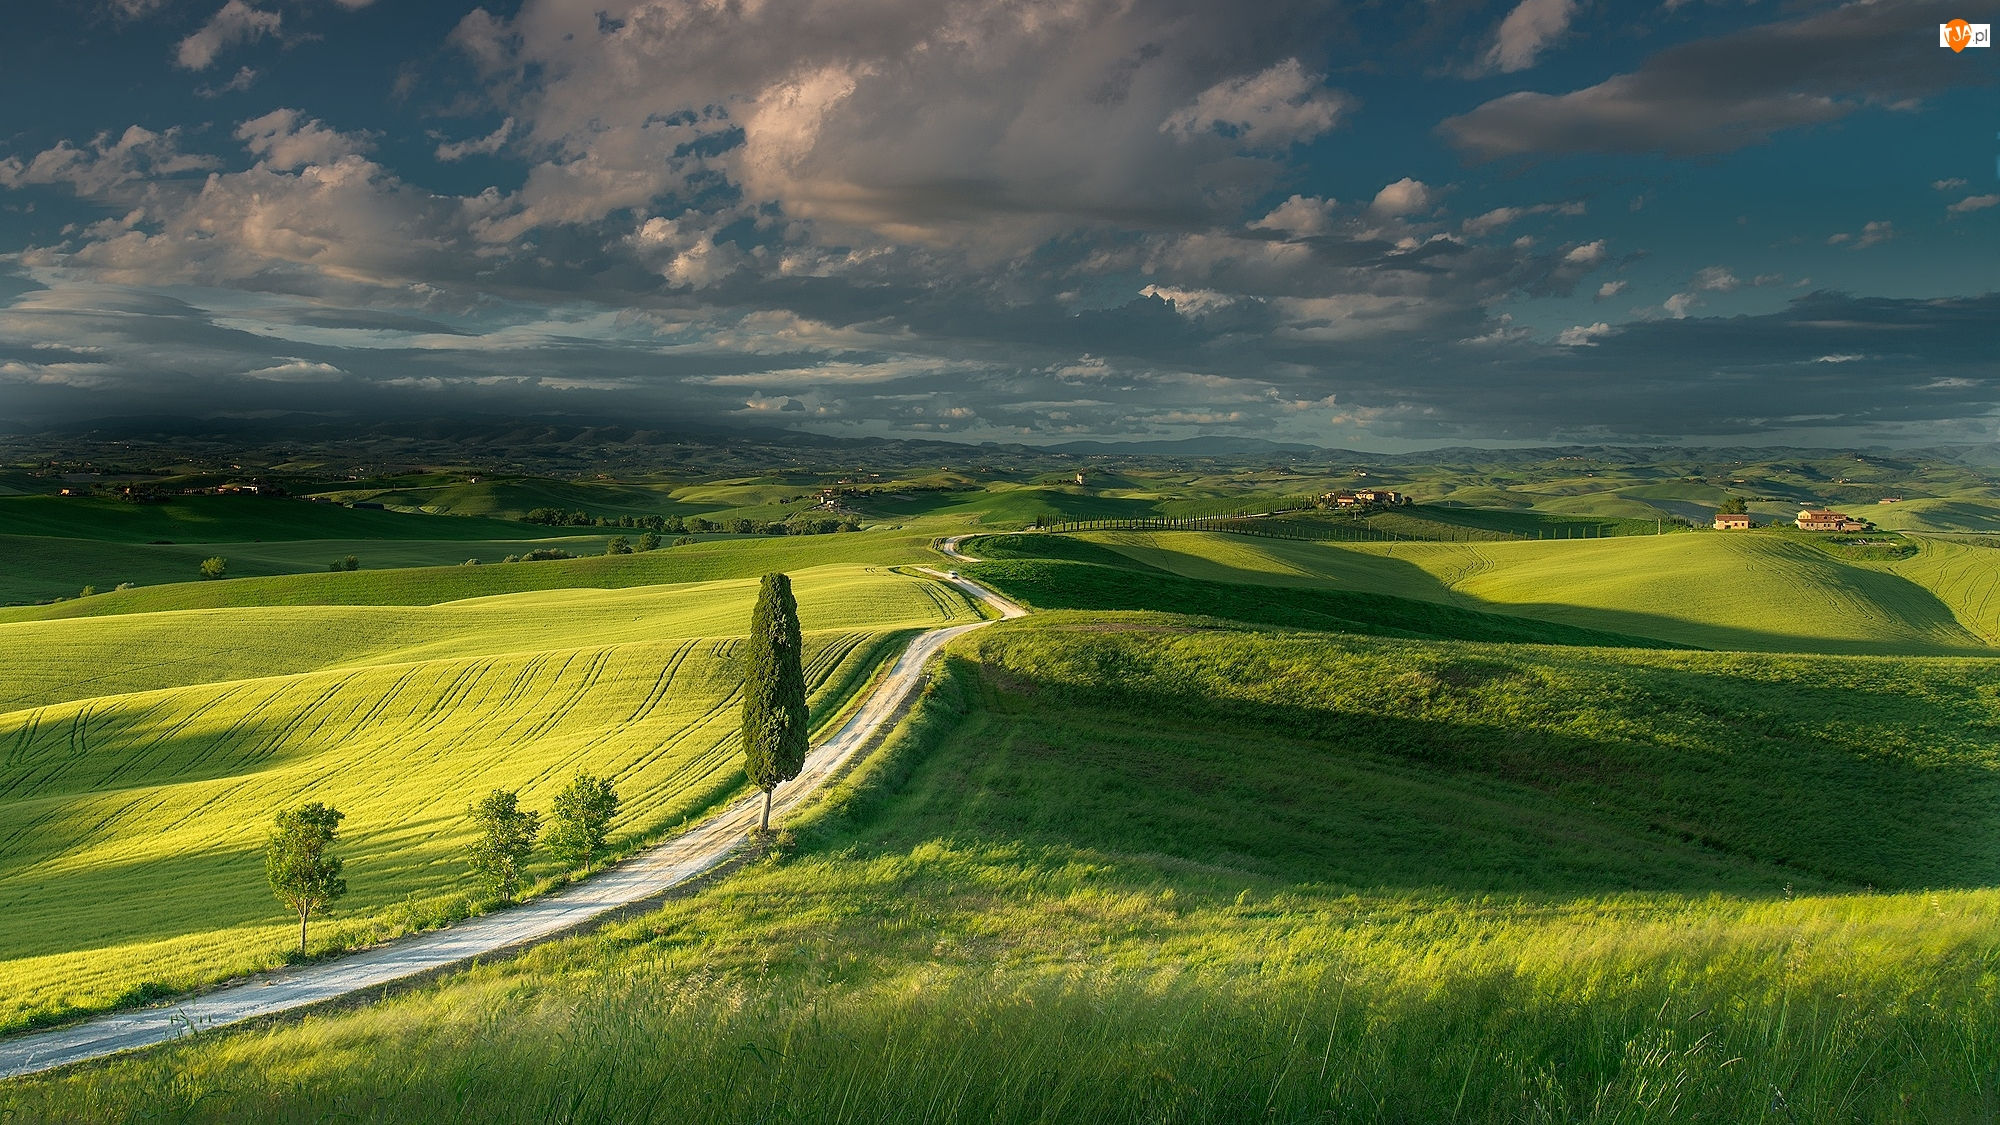 Drzewa, Włochy, Pola, Toskania, Droga